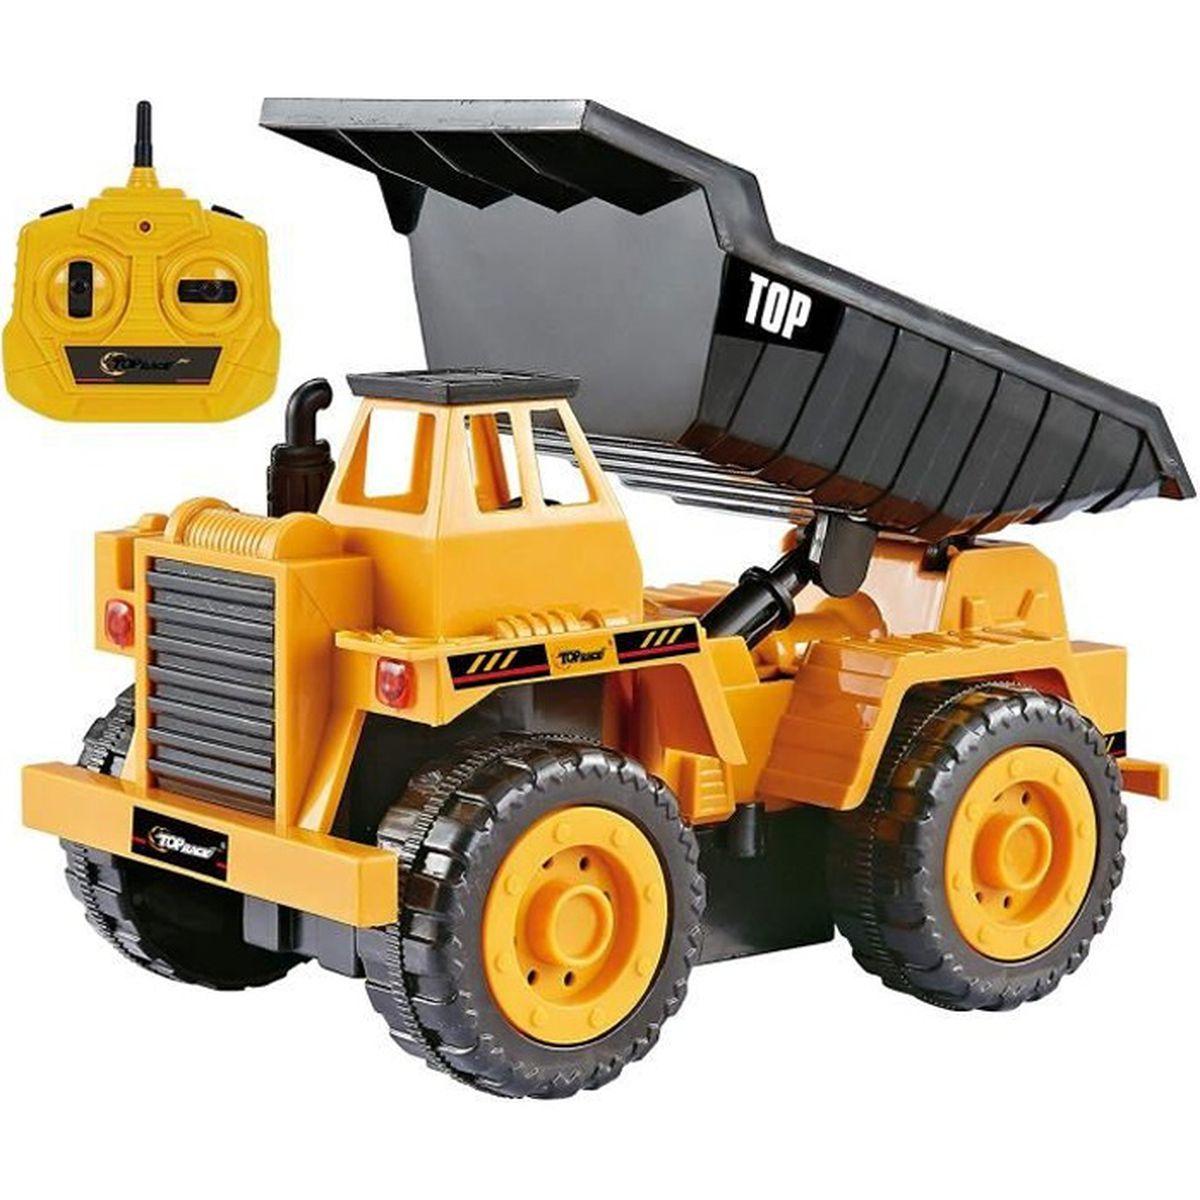 CAMION ENFANT Voiture télécommandée, Camions de Construction de